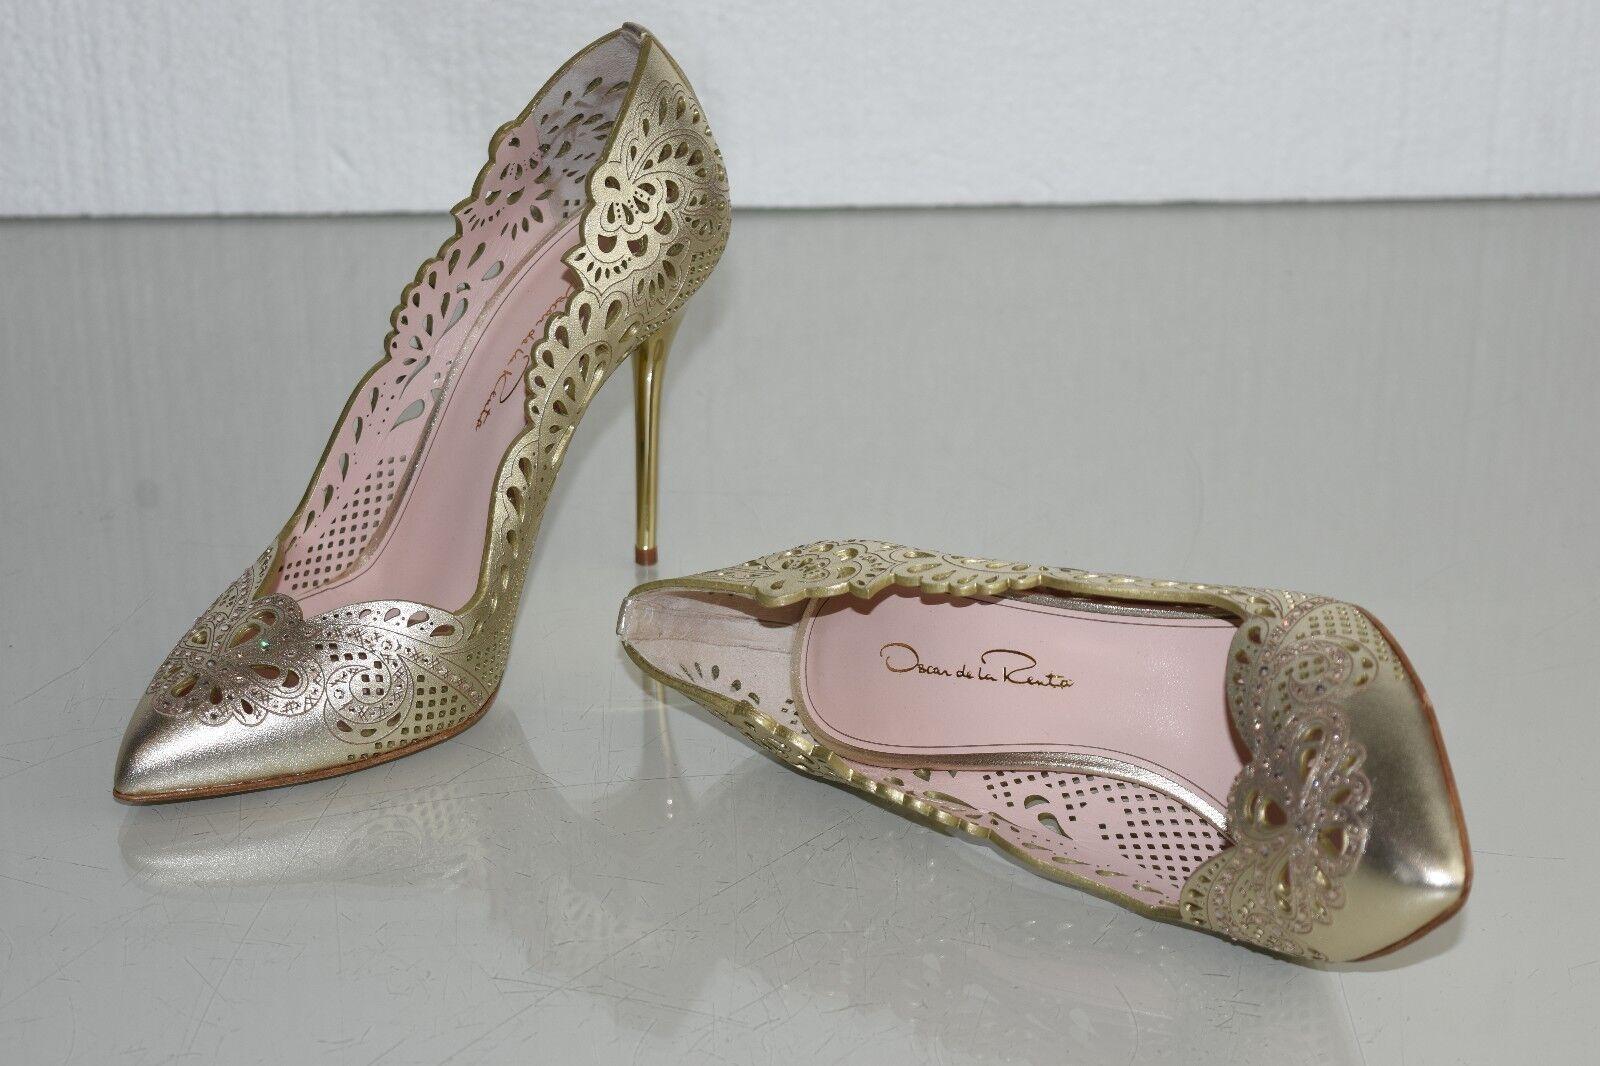 990 990  Nueva Oscar de la renta Mazie 100 Bombas Zapatos de joyería de cuero perforado 37 fedc1e